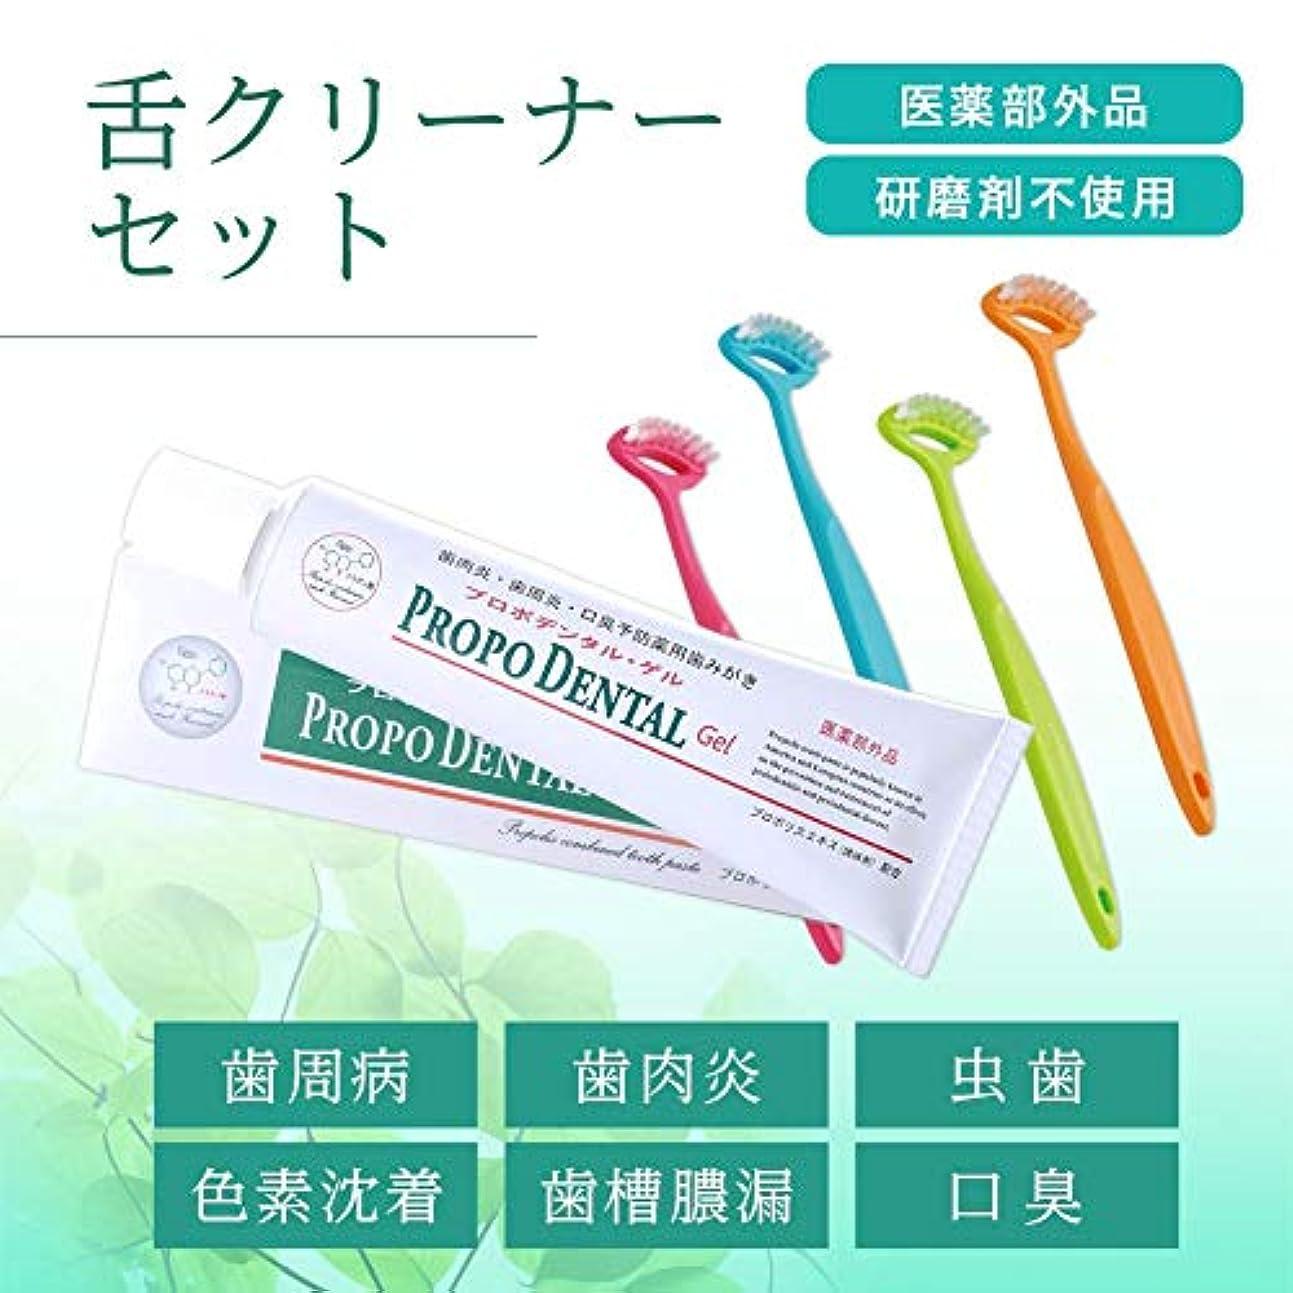 誘う容量生物学口臭予防 舌クリーニングセット 歯磨き 舌磨き 舌クリーナー はみがき 歯磨きジェル(ゲル1本とゲルミニ1本+舌クリーナ)